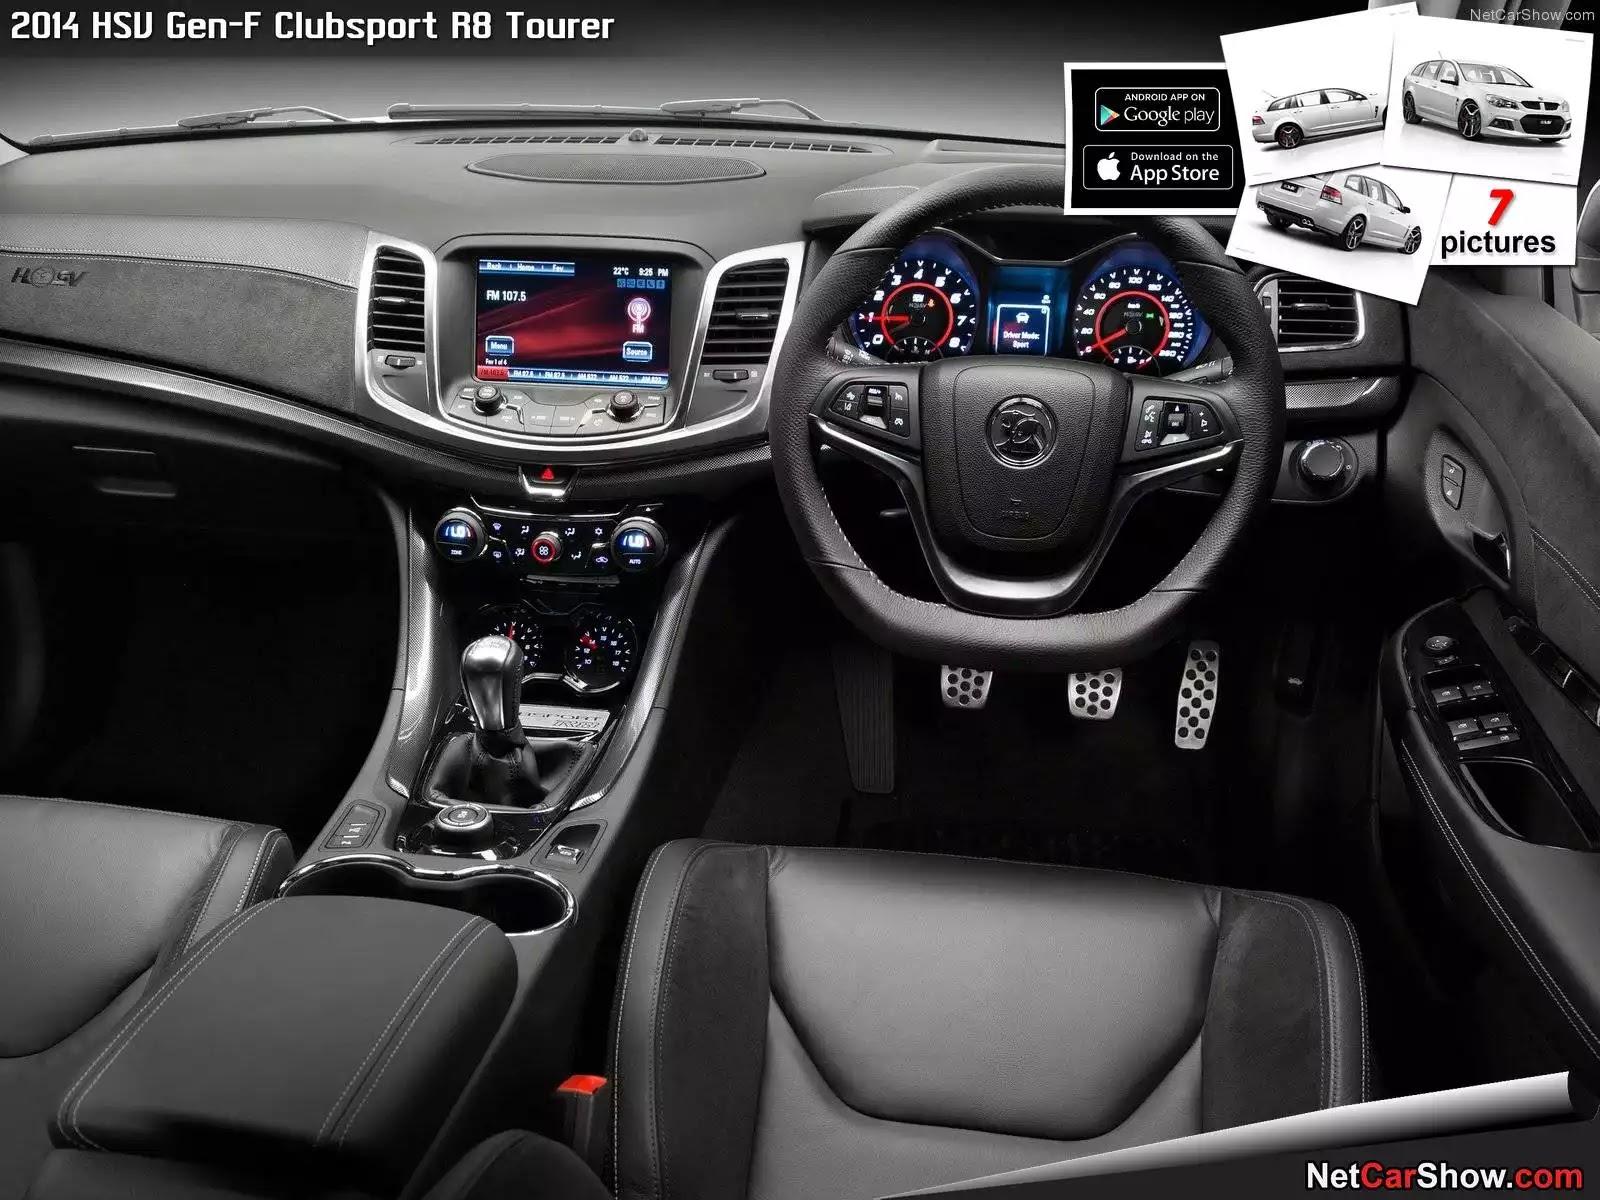 Hình ảnh xe ô tô HSV Gen-F Clubsport R8 Tourer 2014 & nội ngoại thất